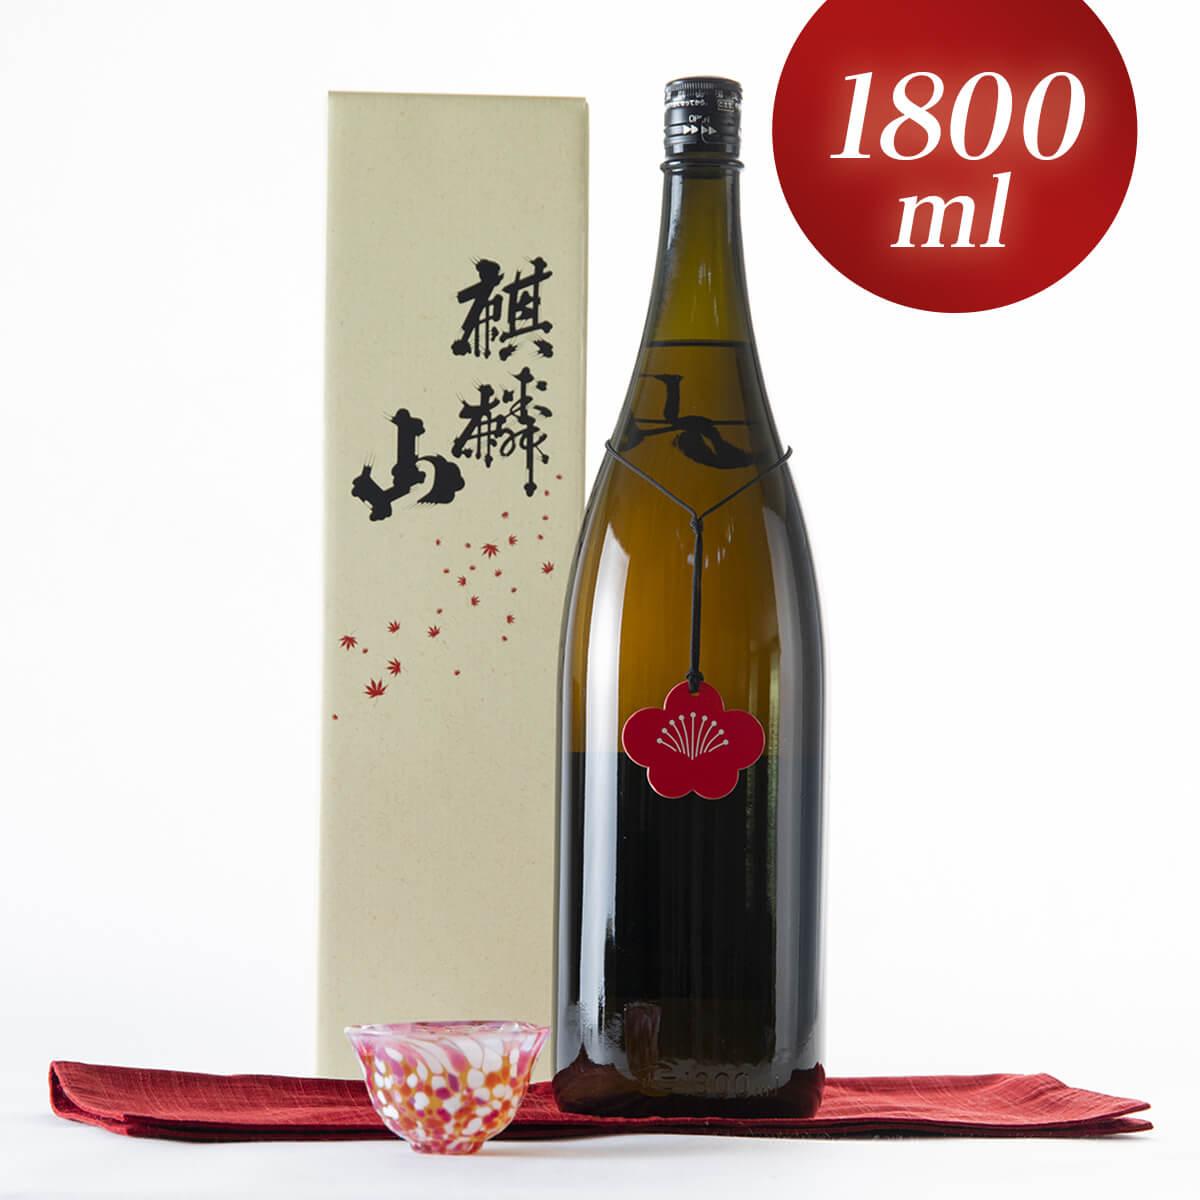 【ふるさと納税】阿賀町マンマ認定 数量限定 麒麟山梅酒1800ml 化粧箱入り